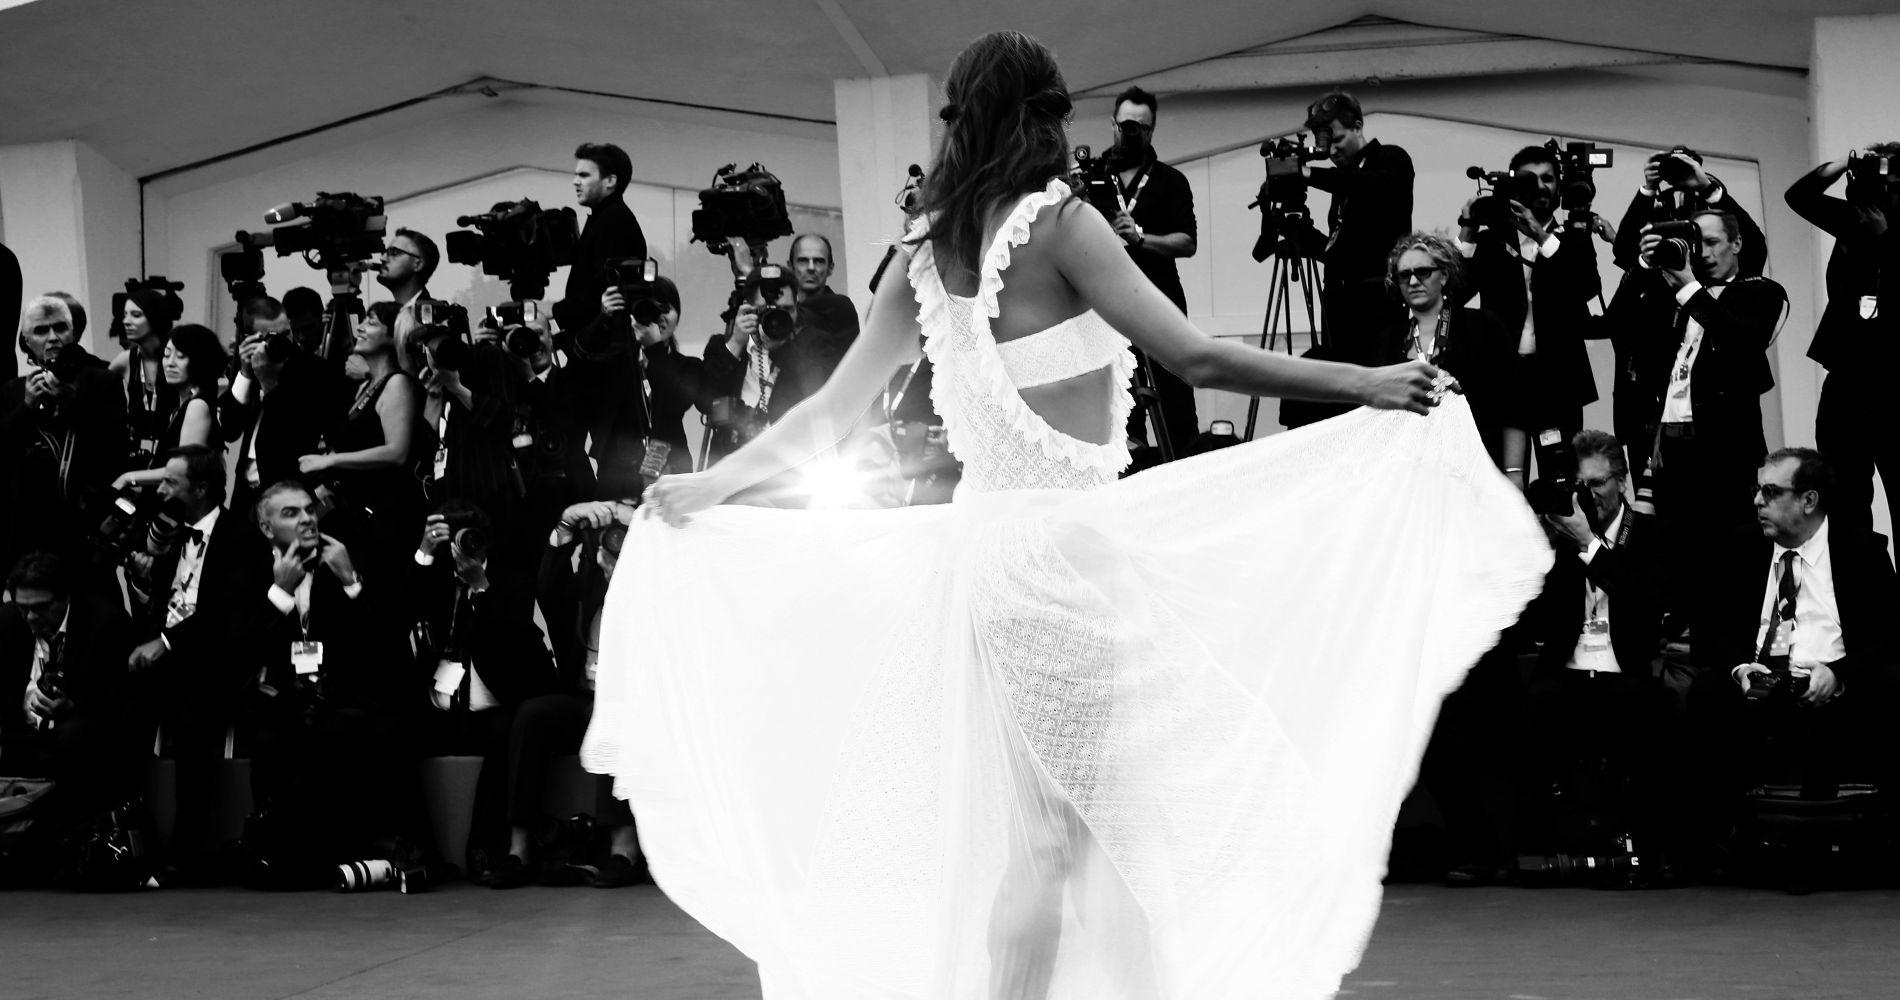 Alessandra Ambrosio, Elisa Sednaoui... défilé de glamour à l'Italienne